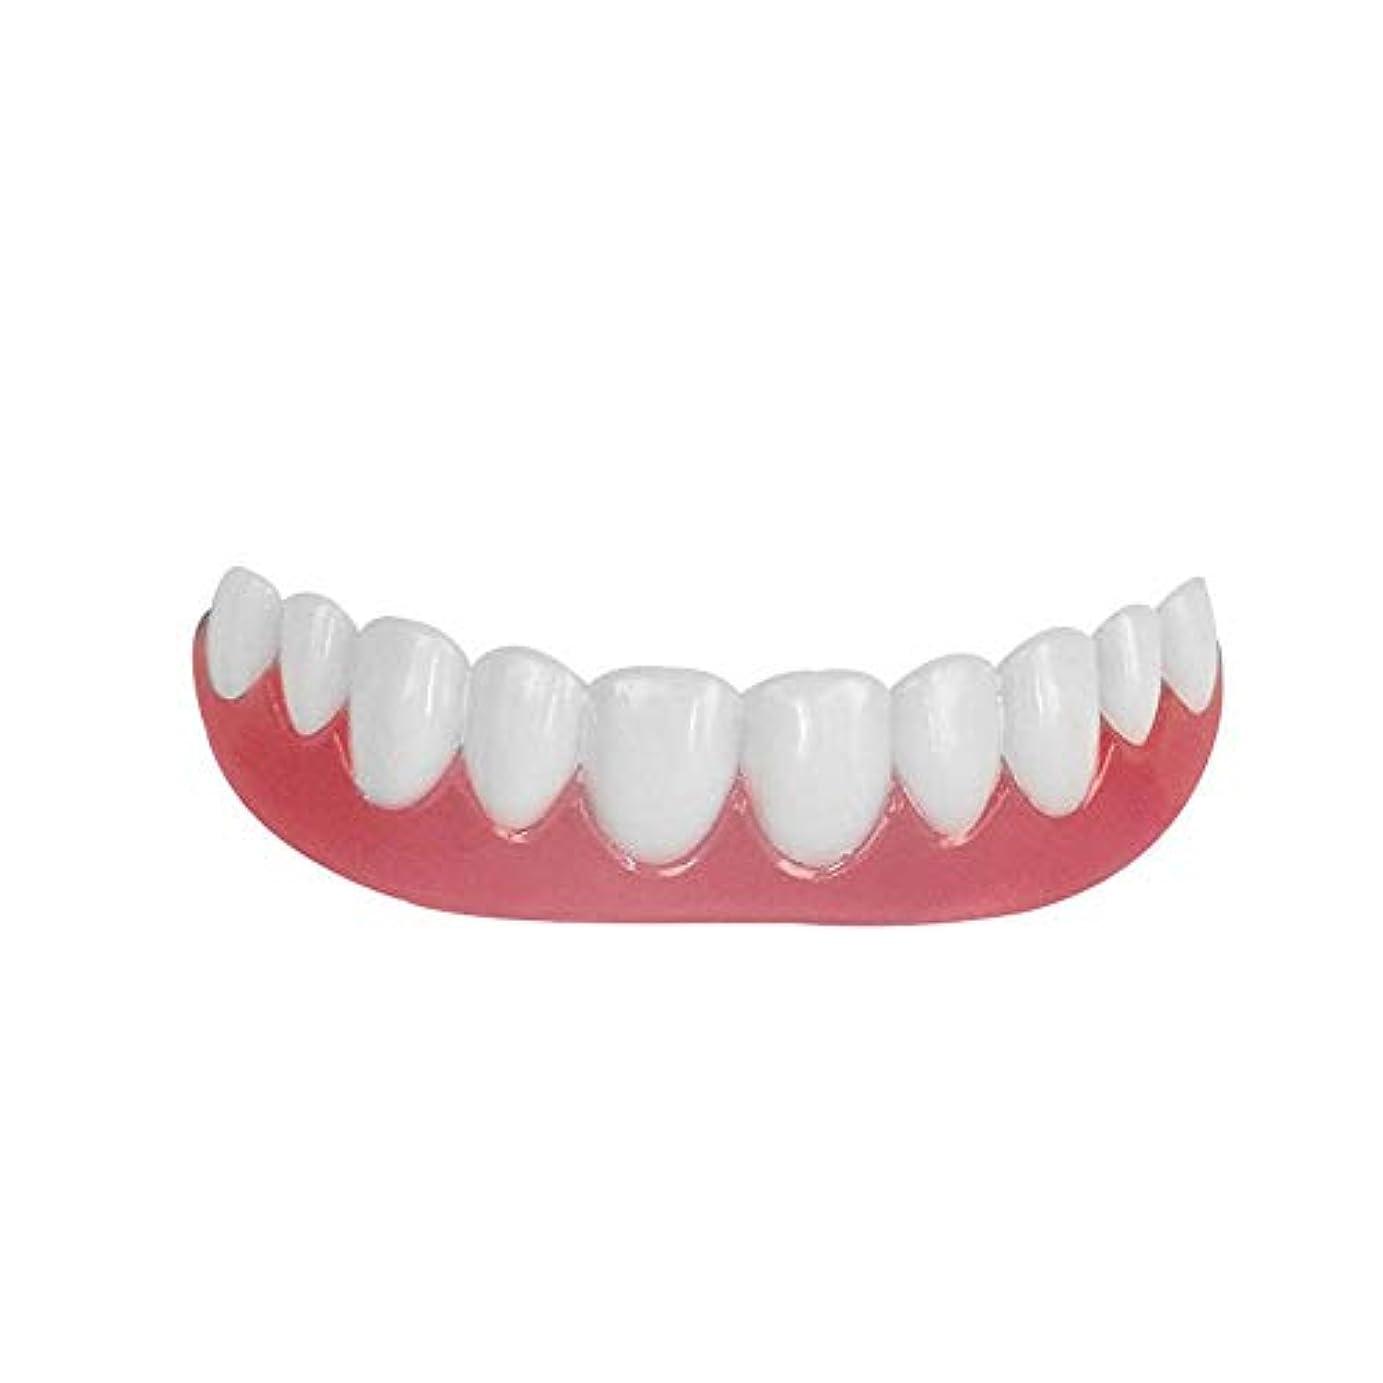 急ぐぬいぐるみ設計シリコーン模擬歯上歯、ホワイトニングデンタルステッカー、歯ホワイトニングセット(3pcs),A